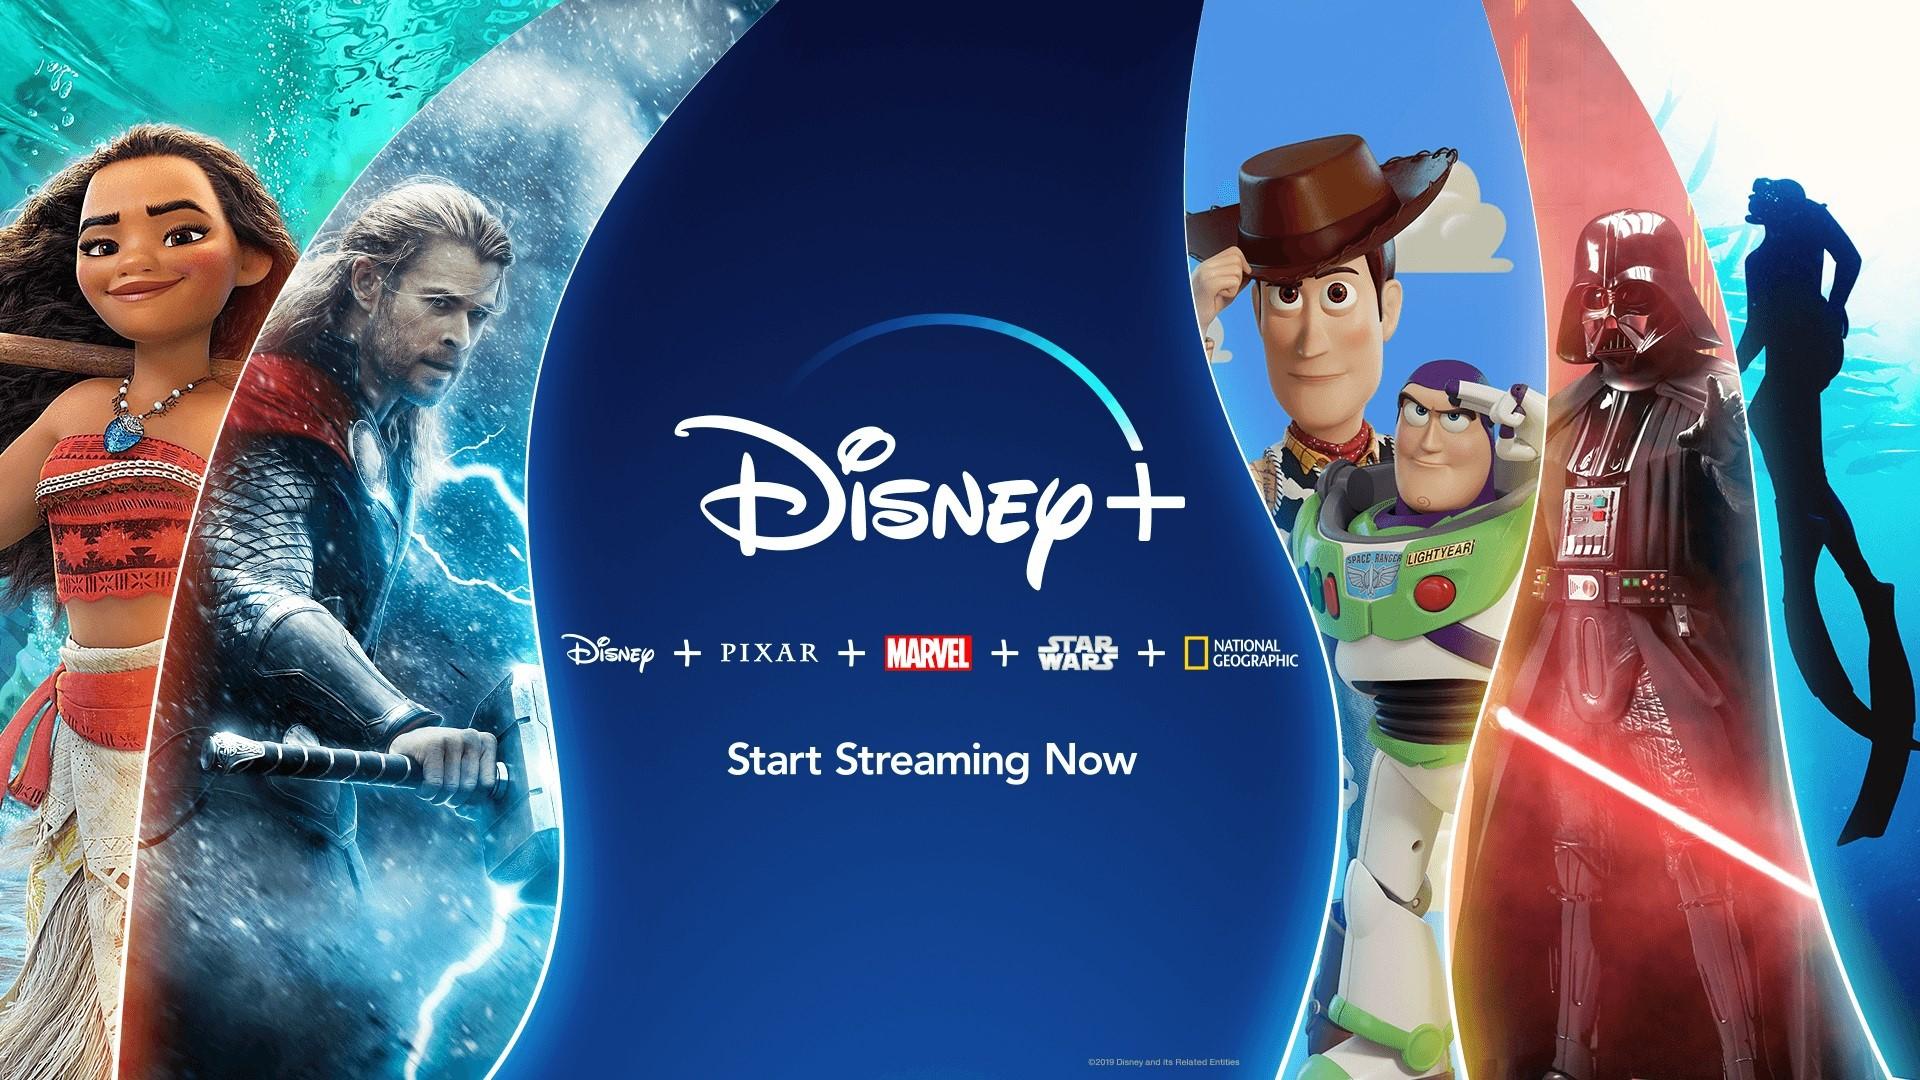 Disney Plus+